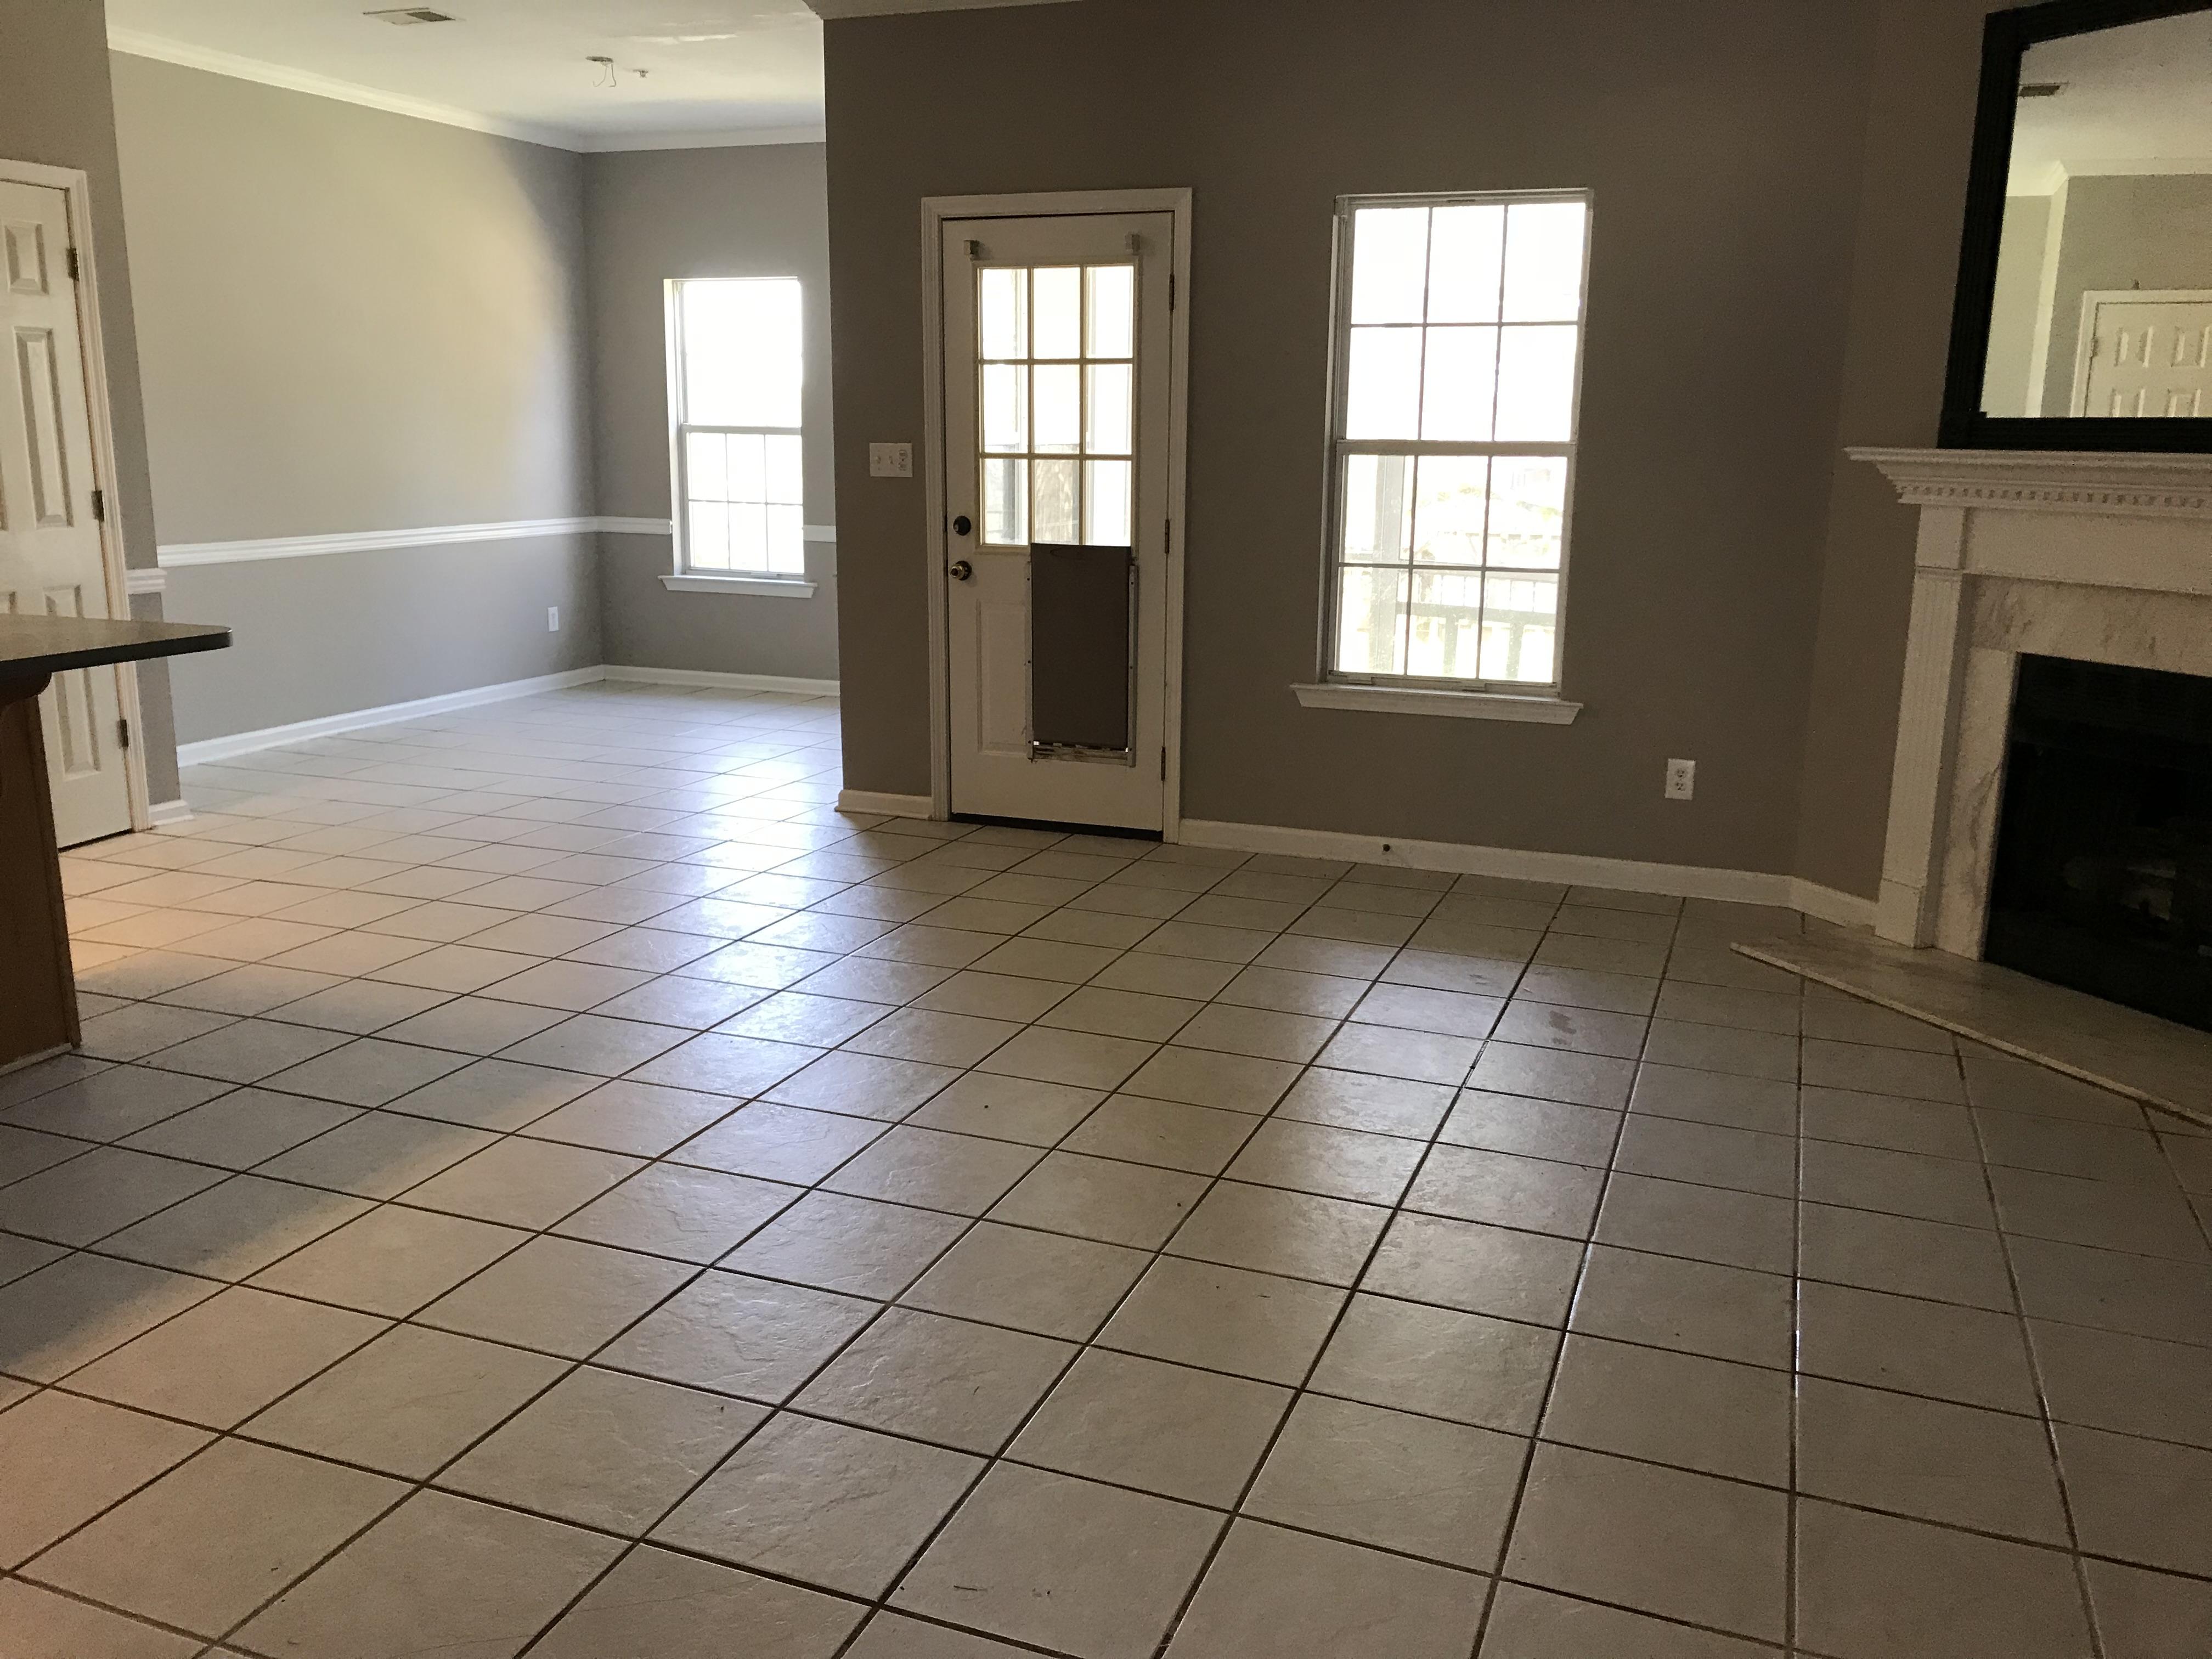 livingroom and kitchen nook